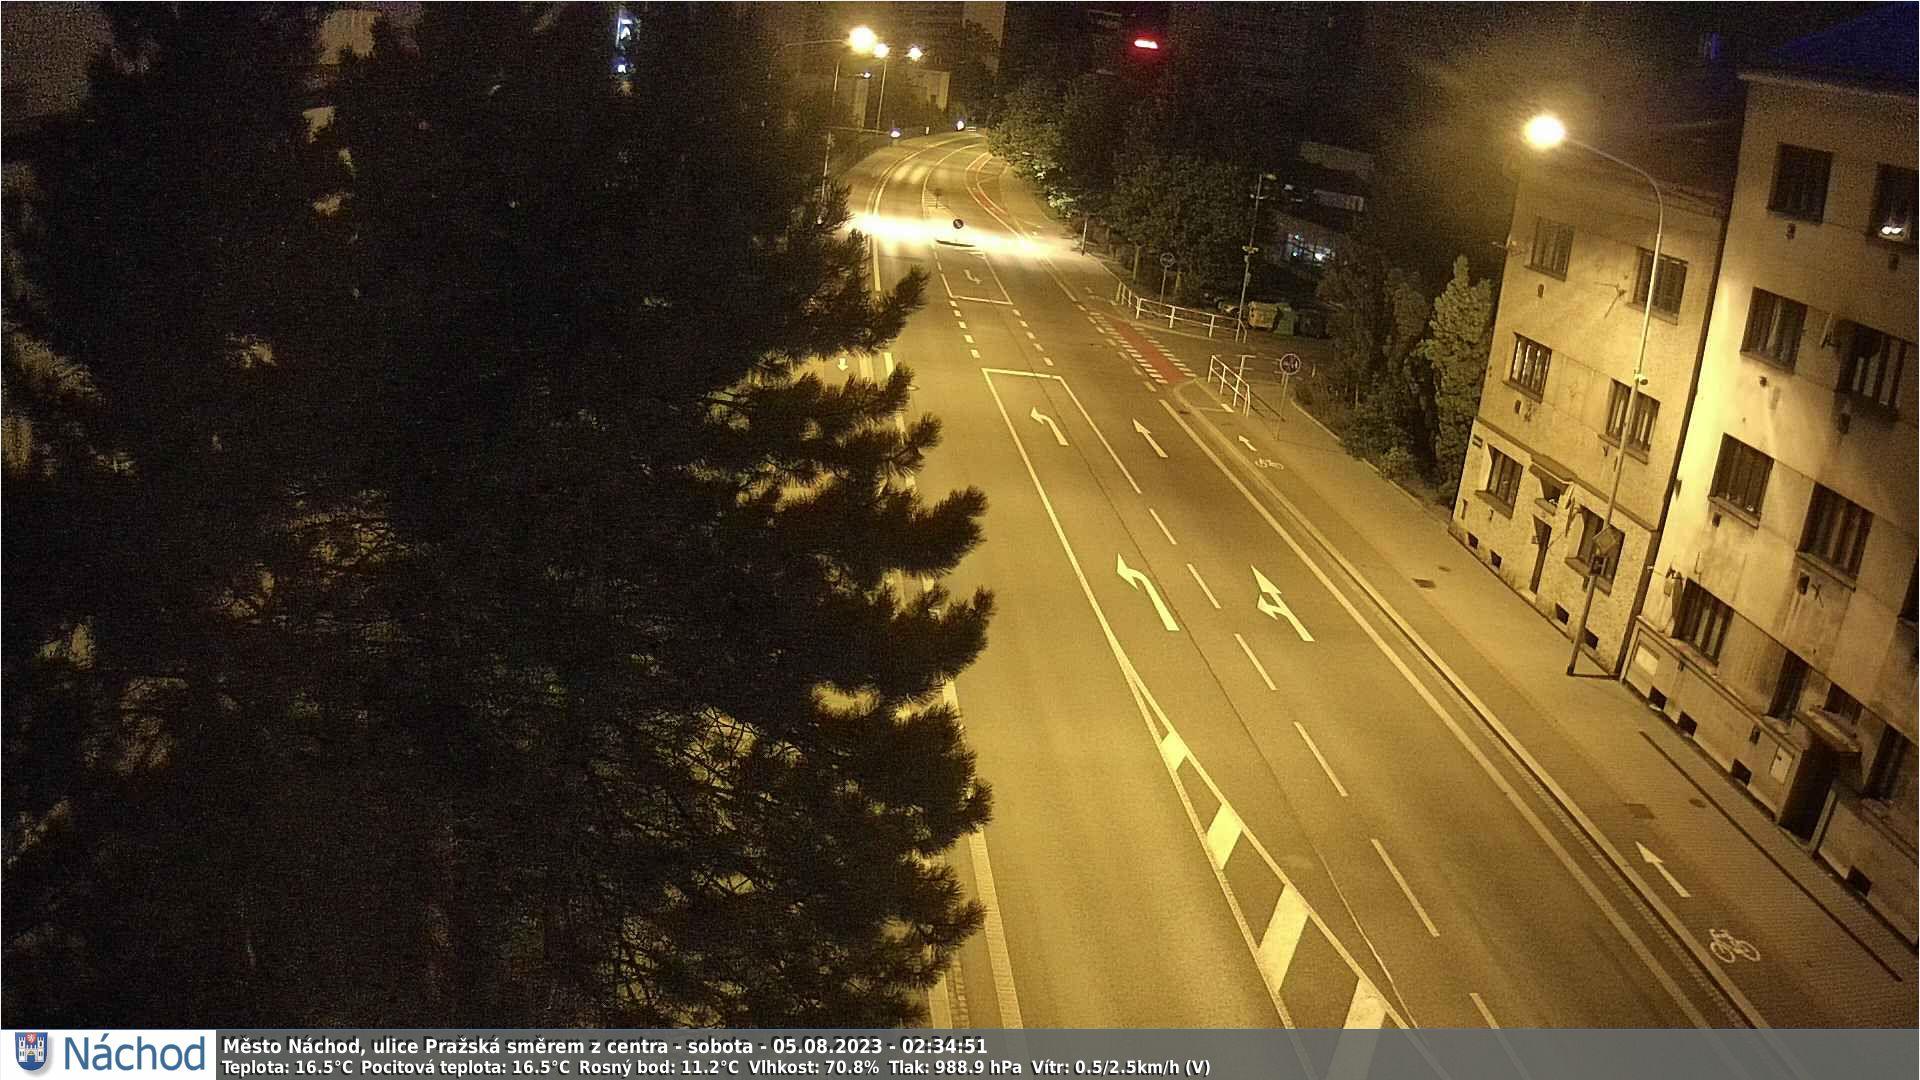 Webkamerka - Náchod, Pražská ulice směrem do centra